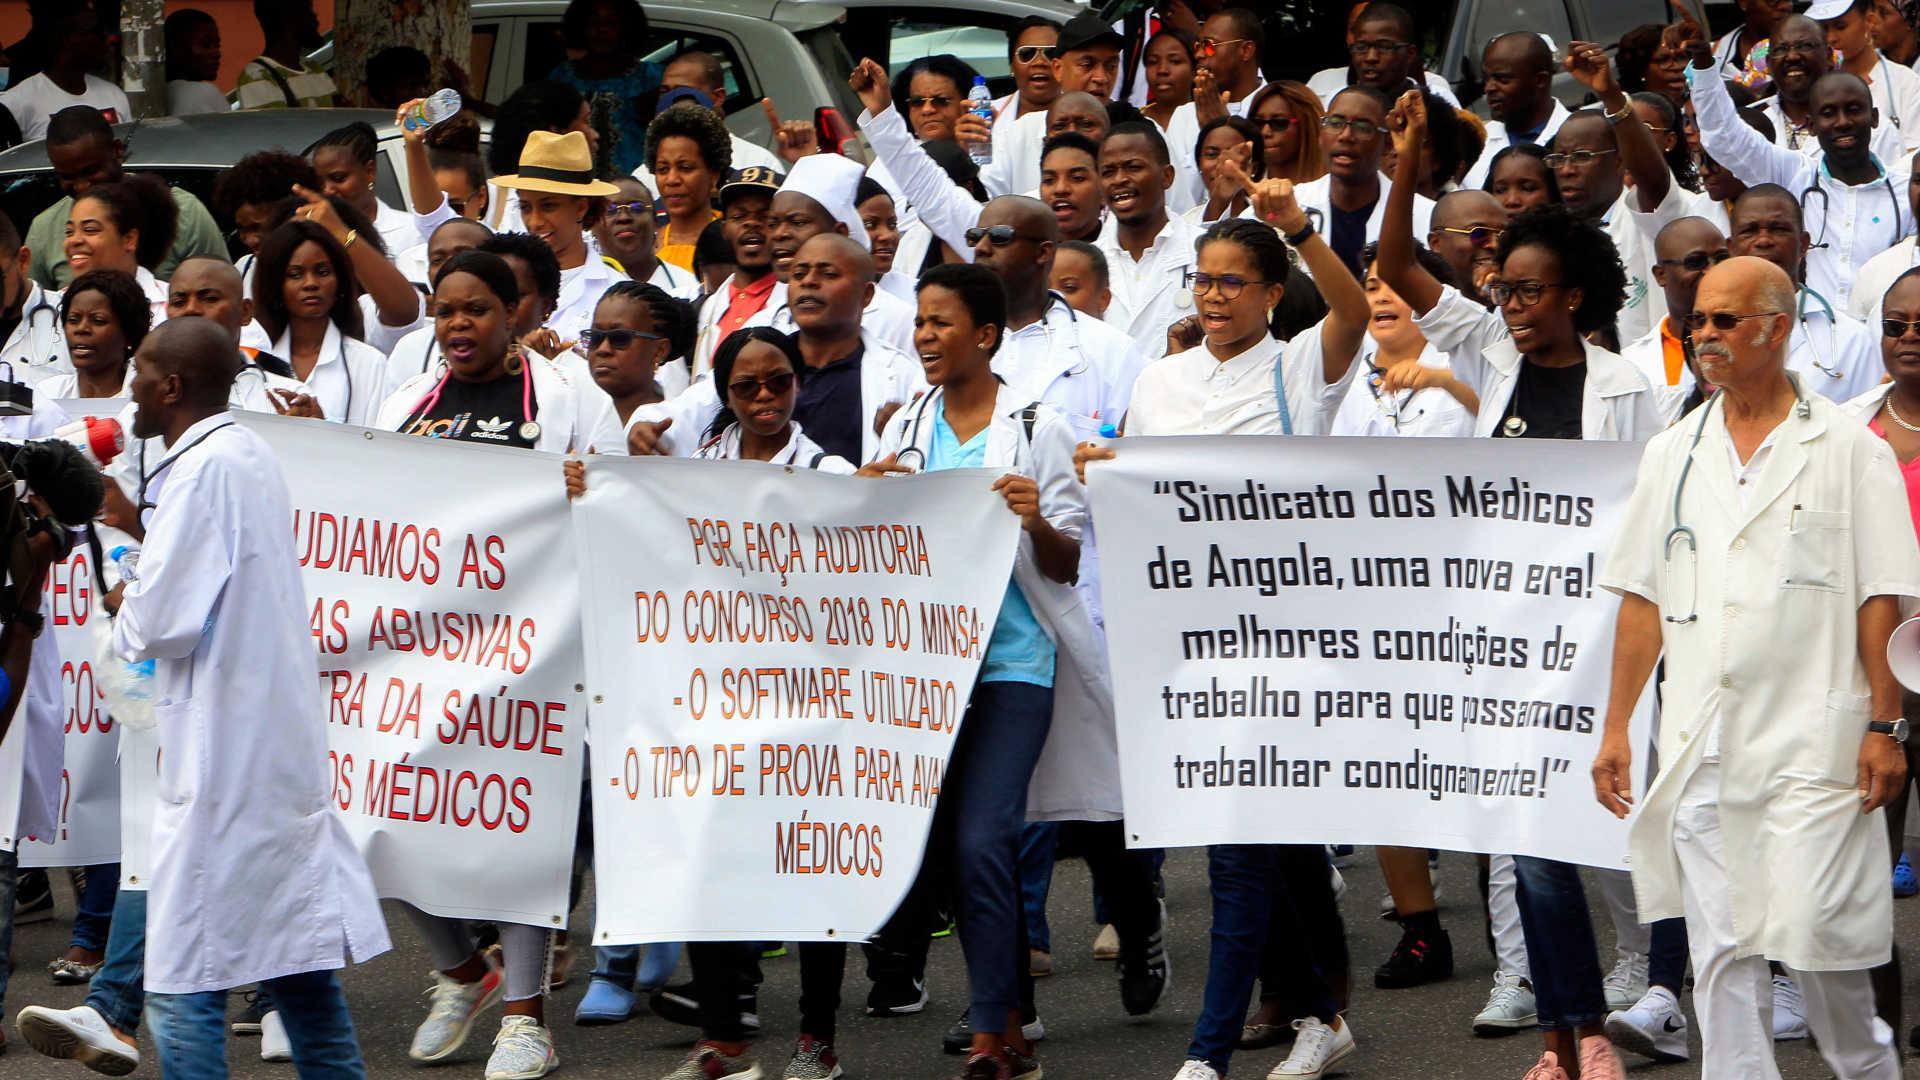 médicos angolanos protestam por melhores condições de trabalho - Manifesta    o Medicos Angolanos - Médicos angolanos protestam por melhores condições de trabalho